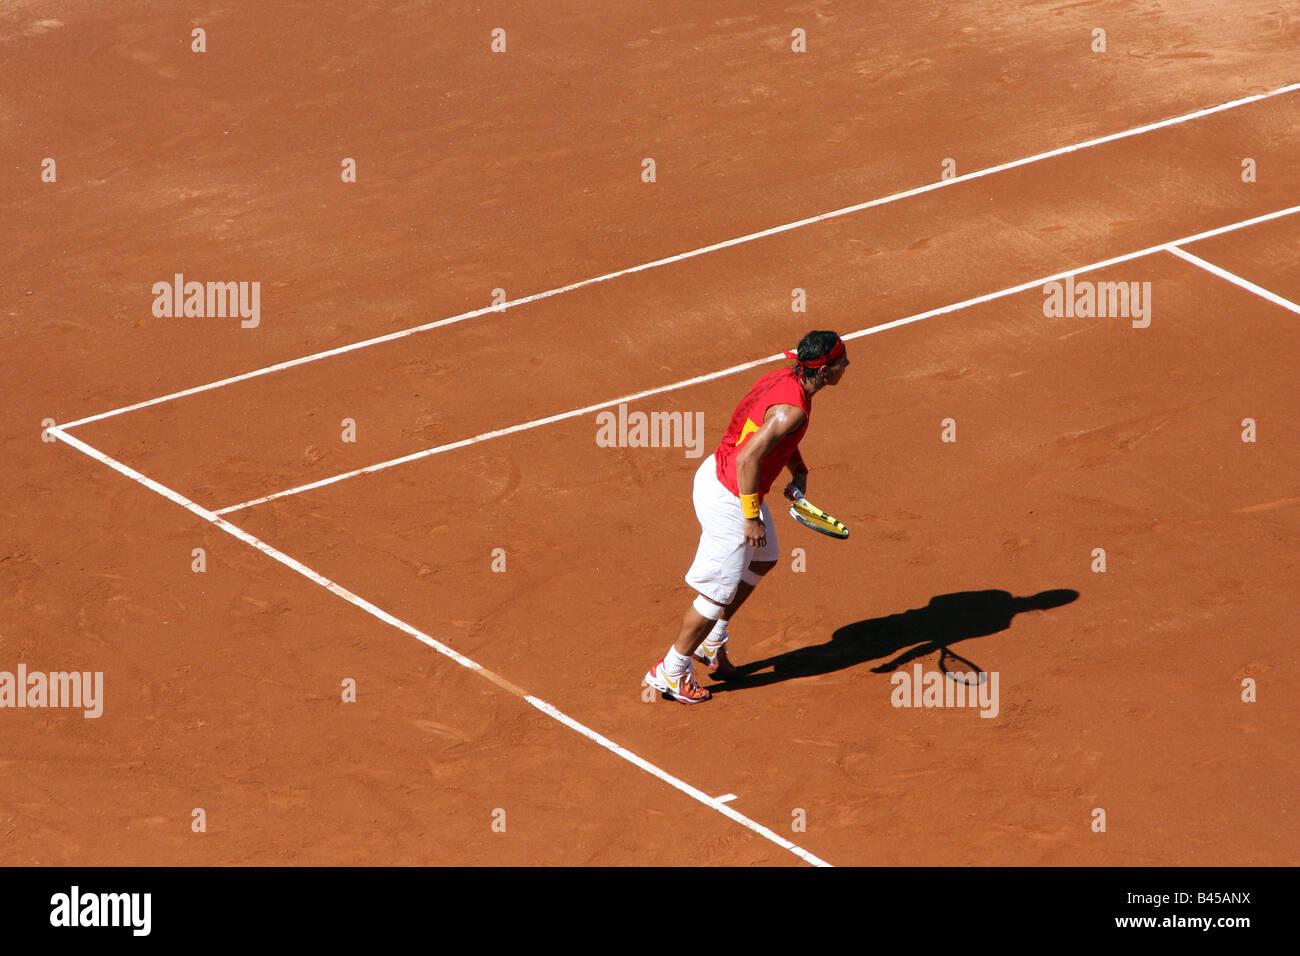 nr 1 tennis